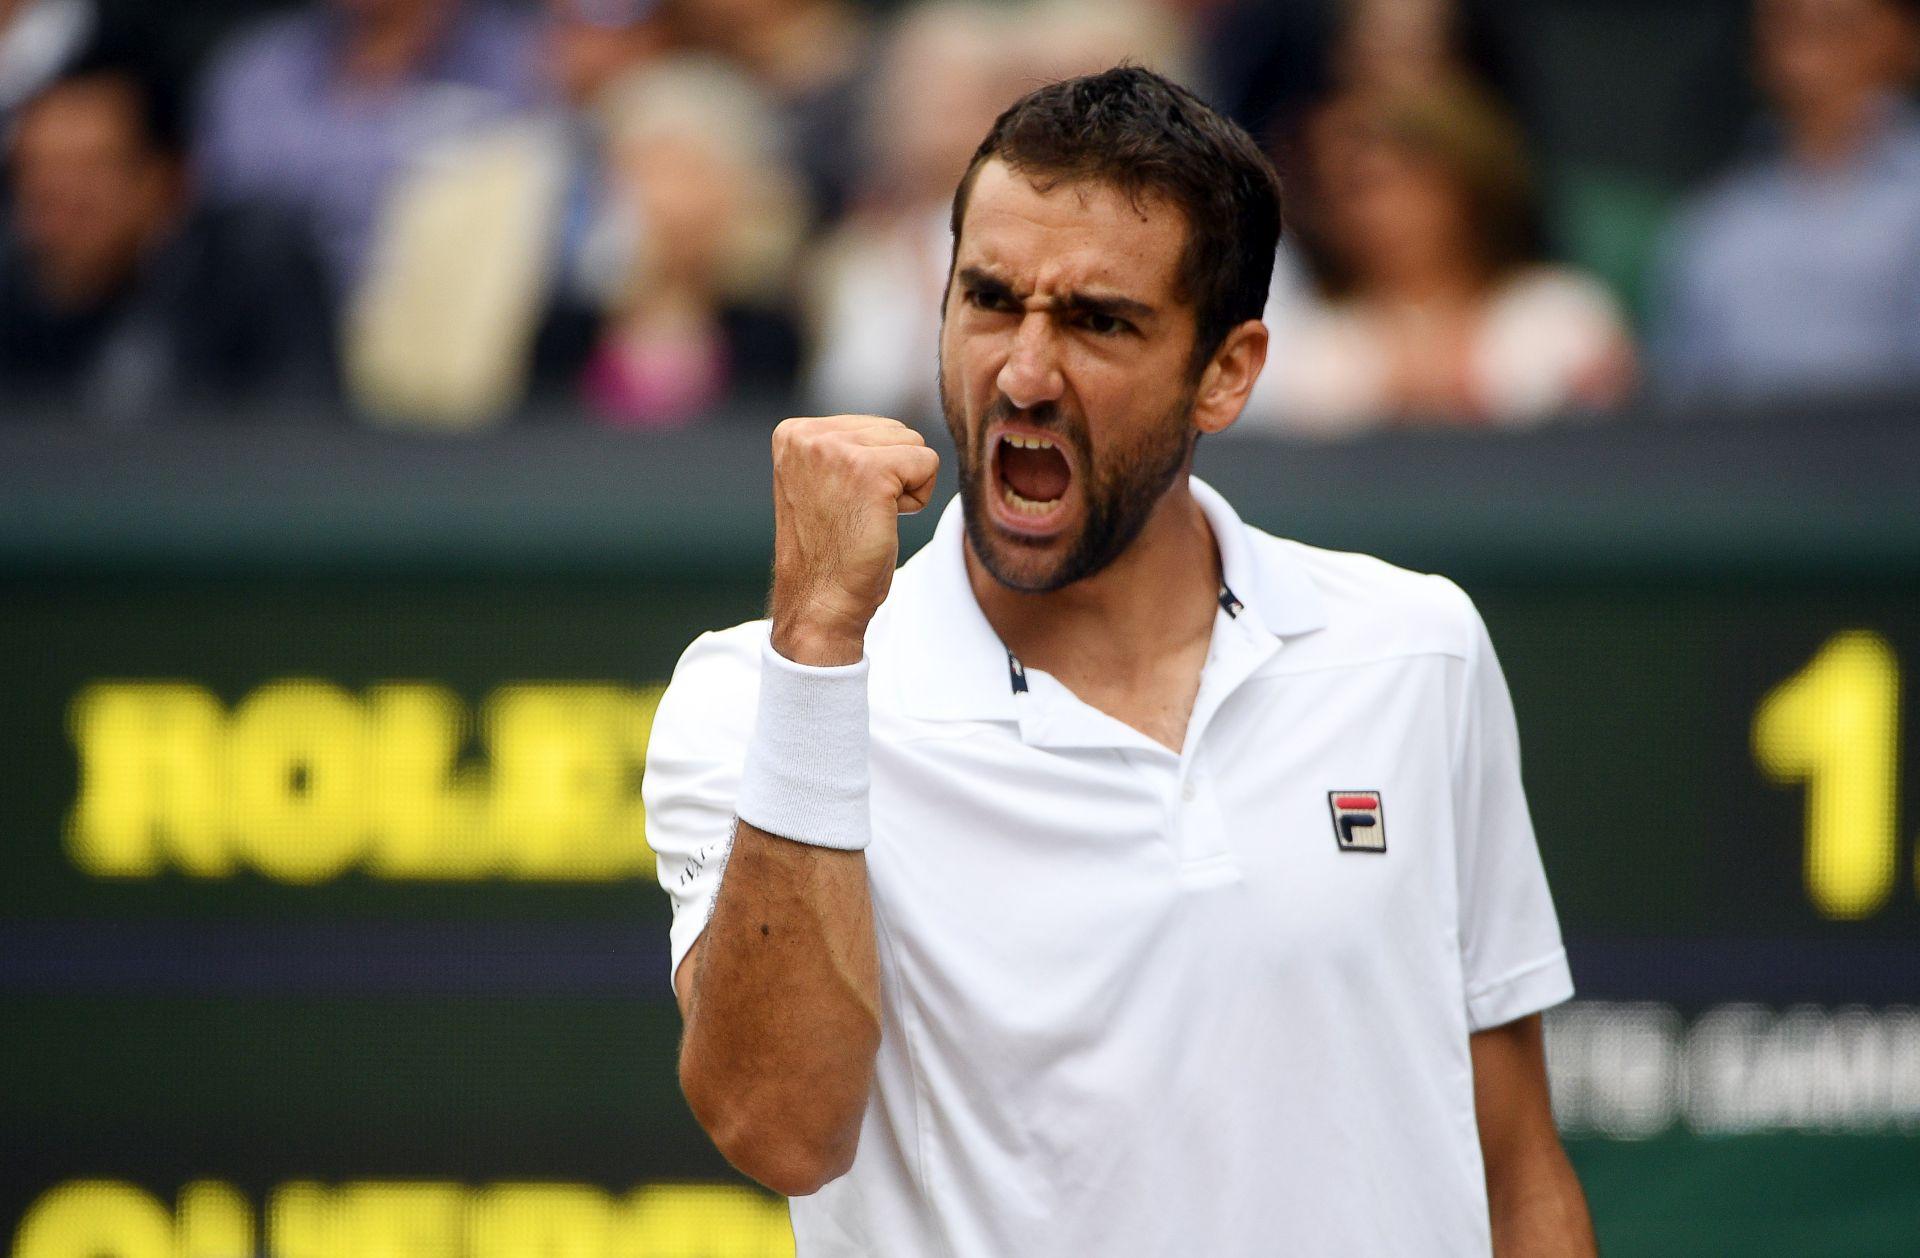 VIDEO: VELIKI USPJEH ČILIĆA! Hrvatska nakon 16 godina ponovno ima finalista Wimbledona